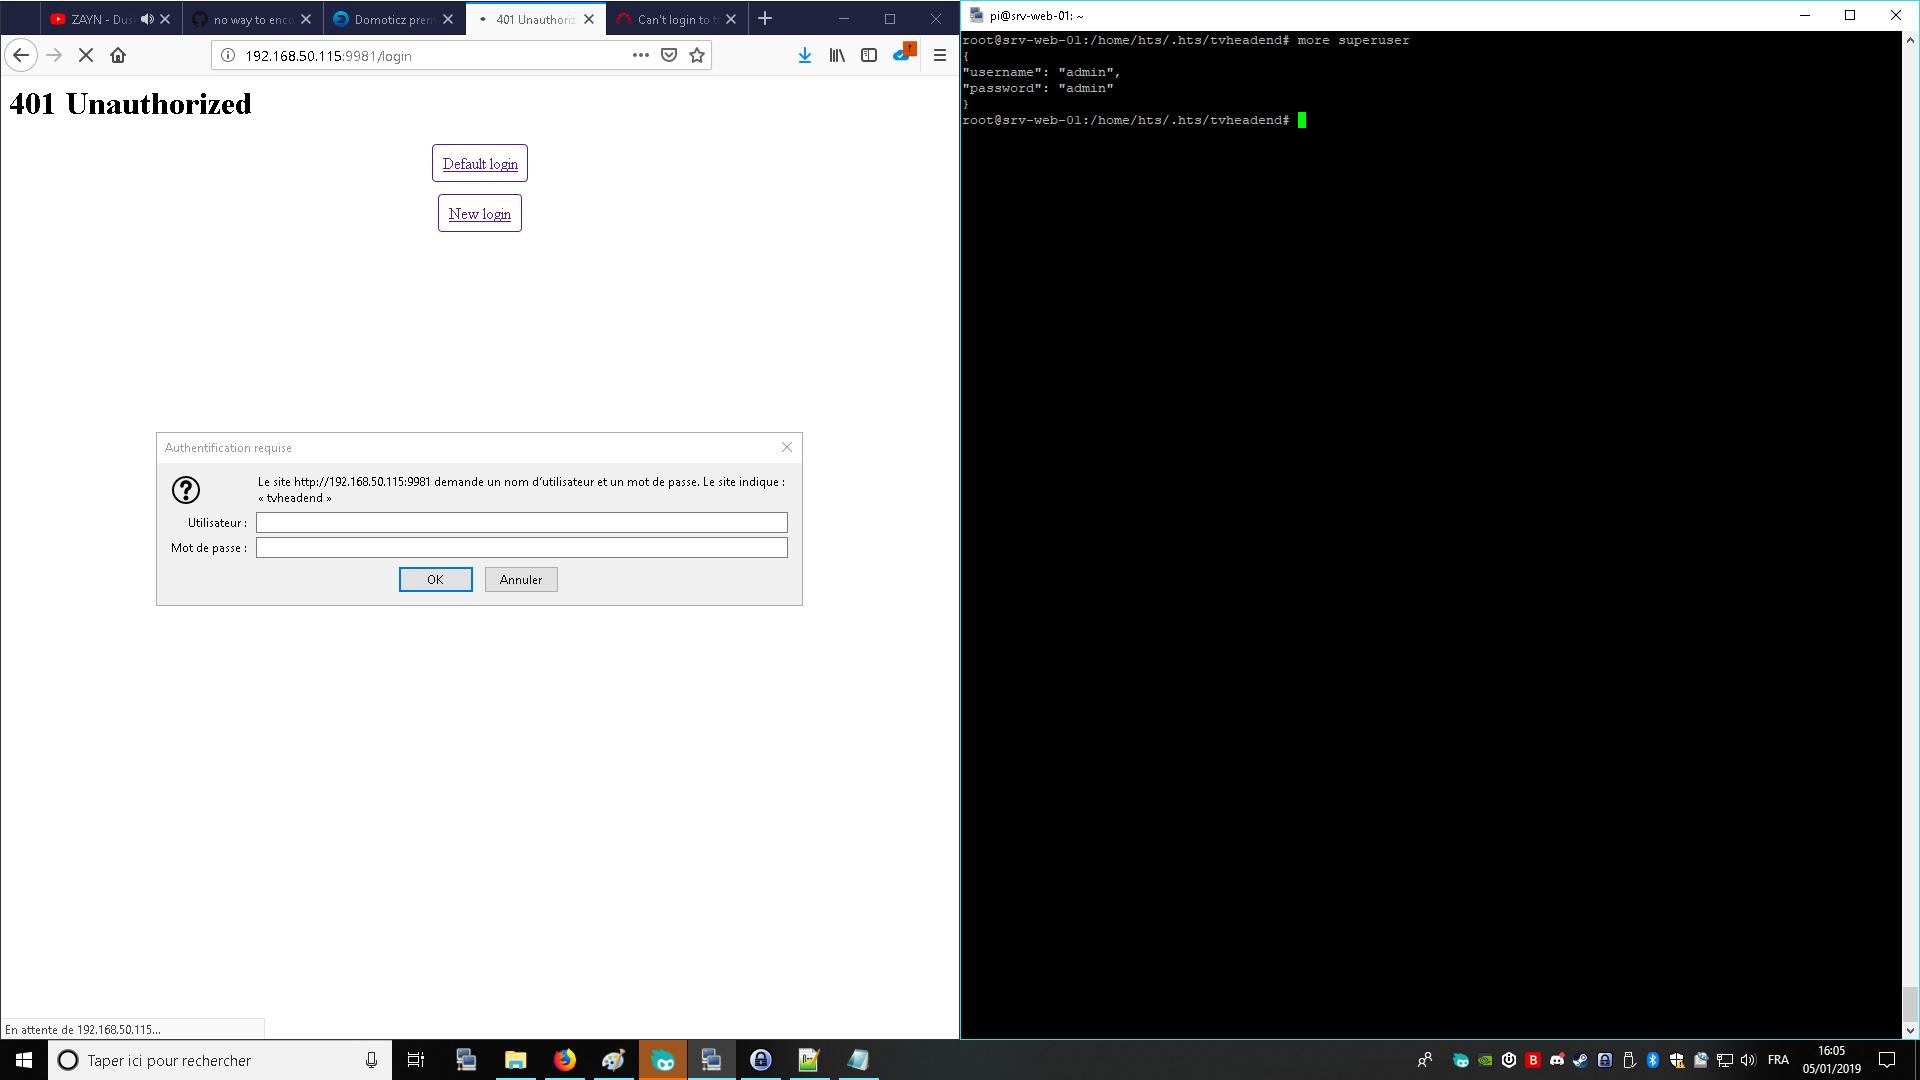 web Ui login failed after a frech install - Tvheadend